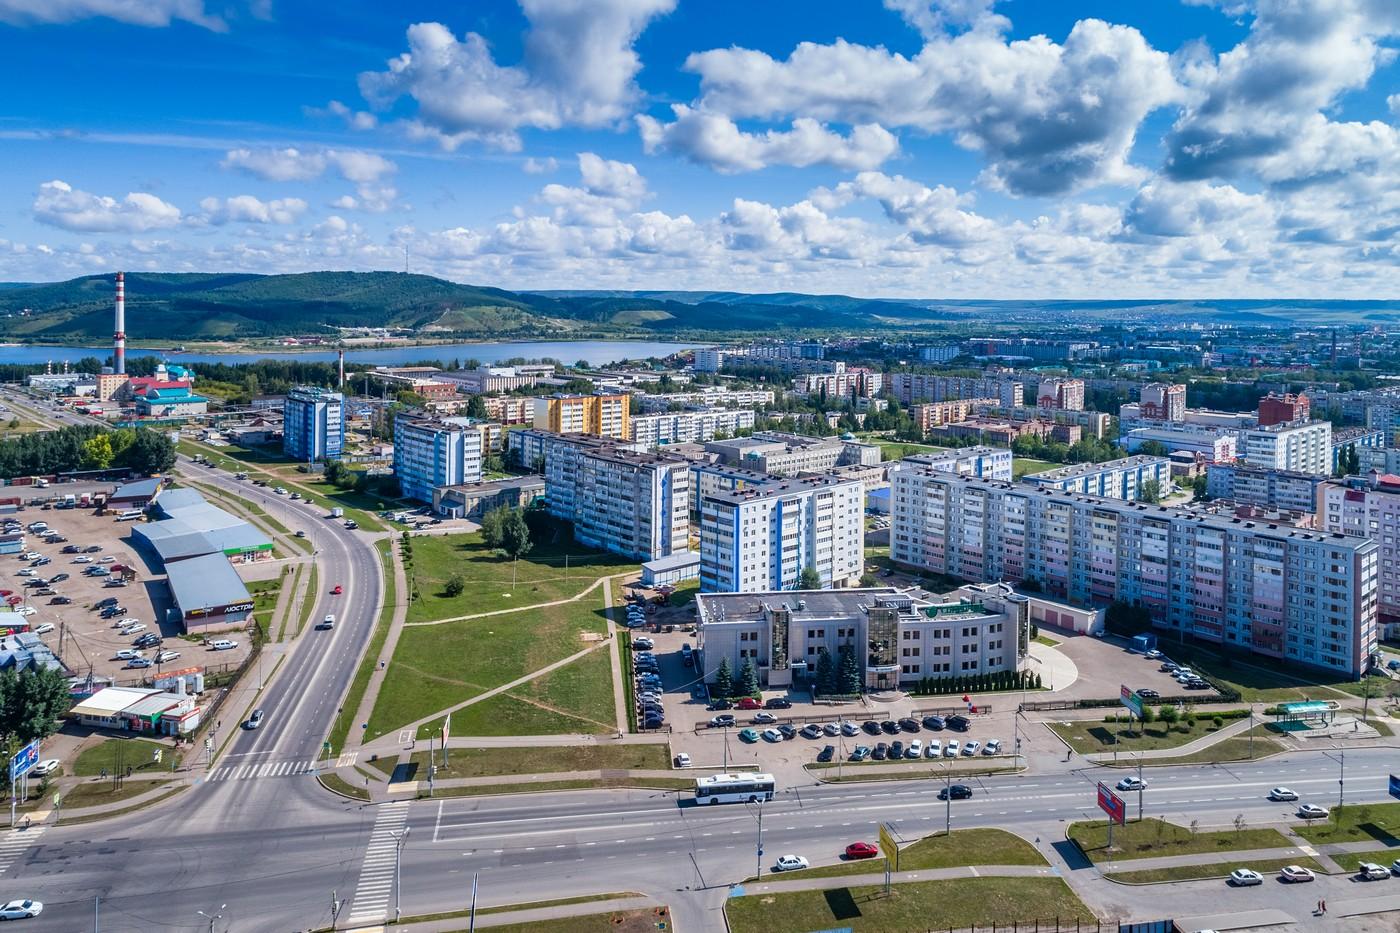 празднования альметьевск город картинки города этом пальце